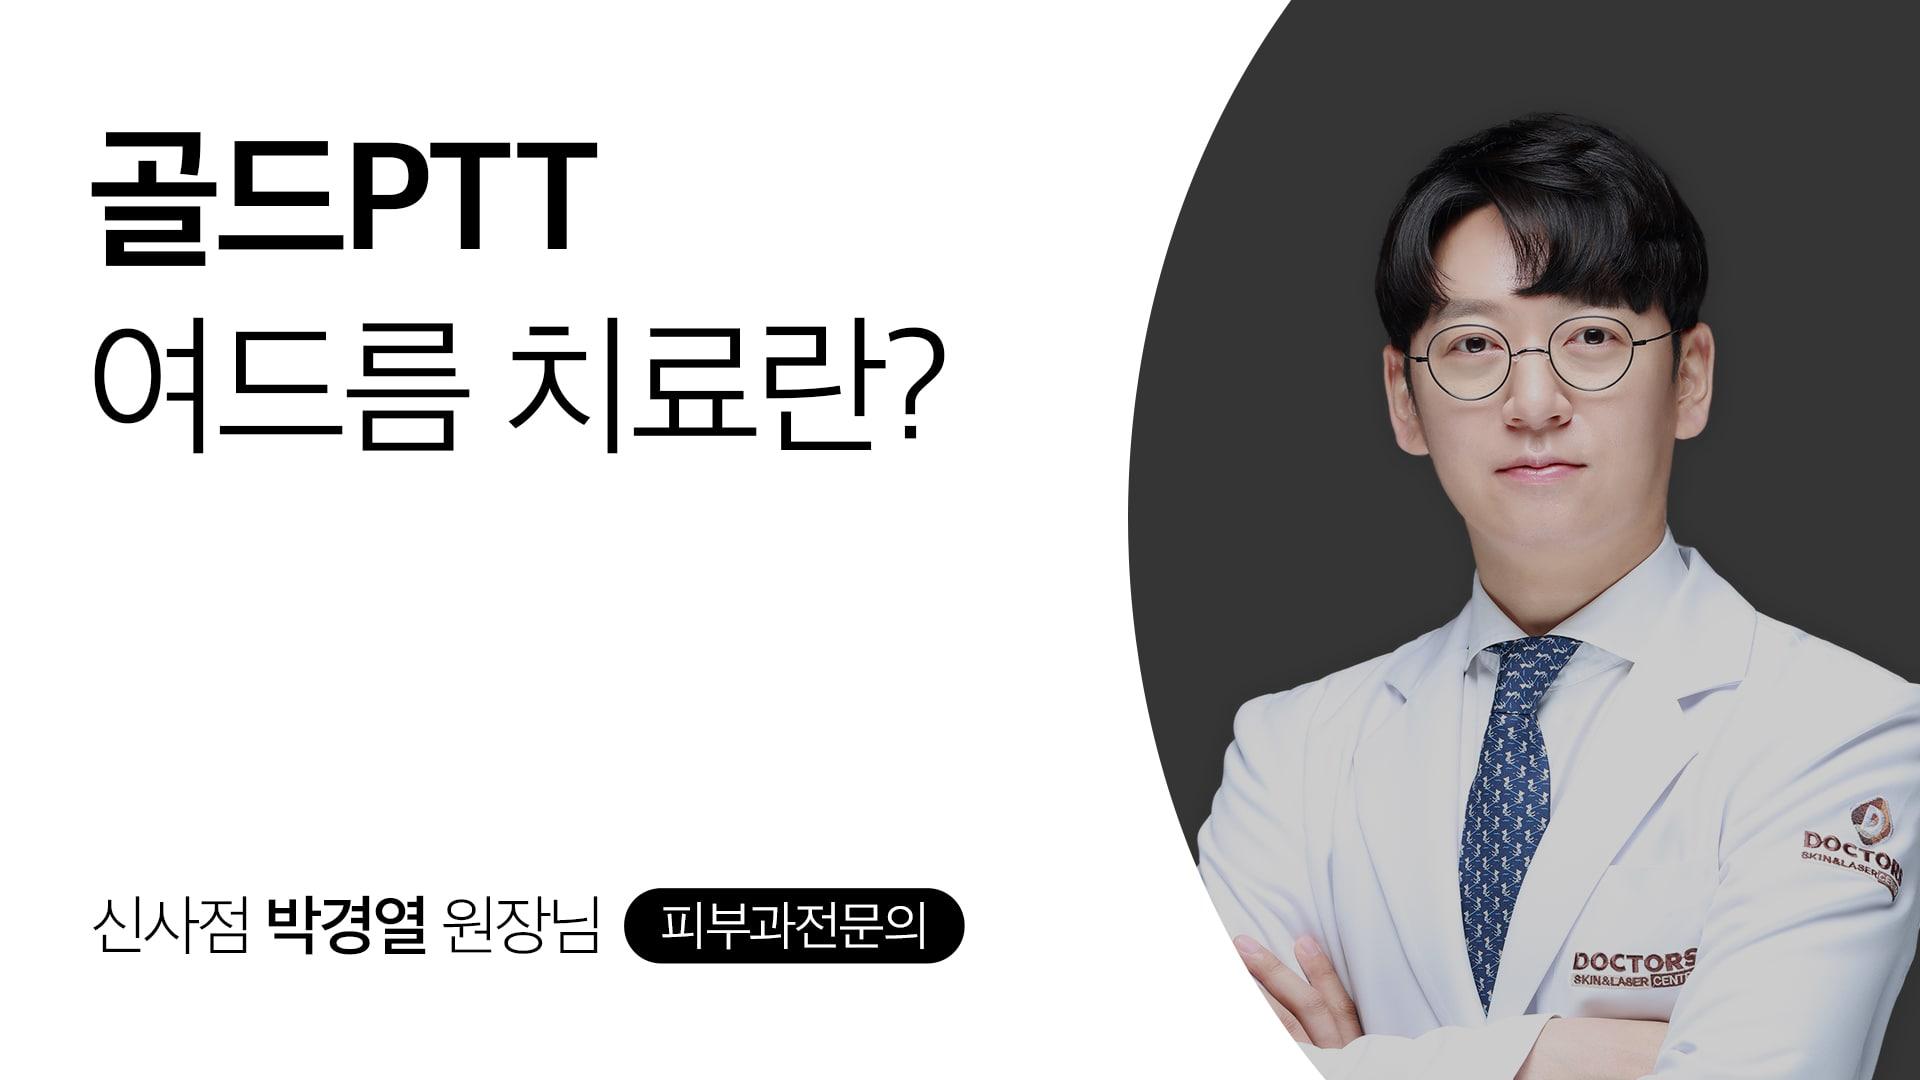 골드PTT 여드름 치료란?